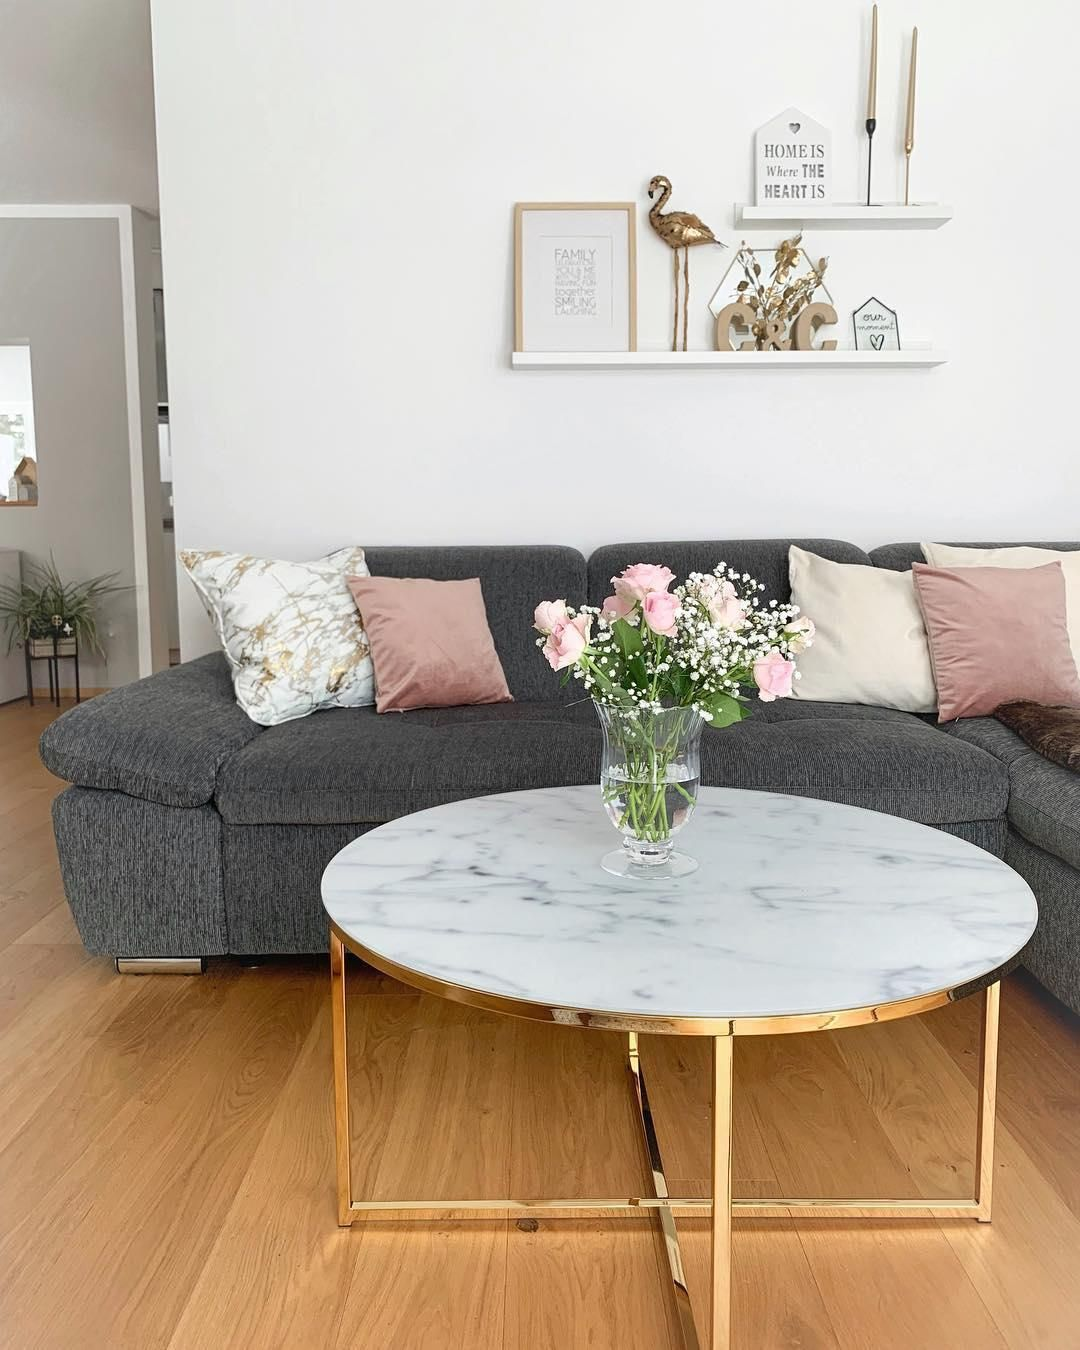 Pin Von Shae Auf Interior Design Living Room In 2020 Couchtisch Marmor Haus Deko Home Decor